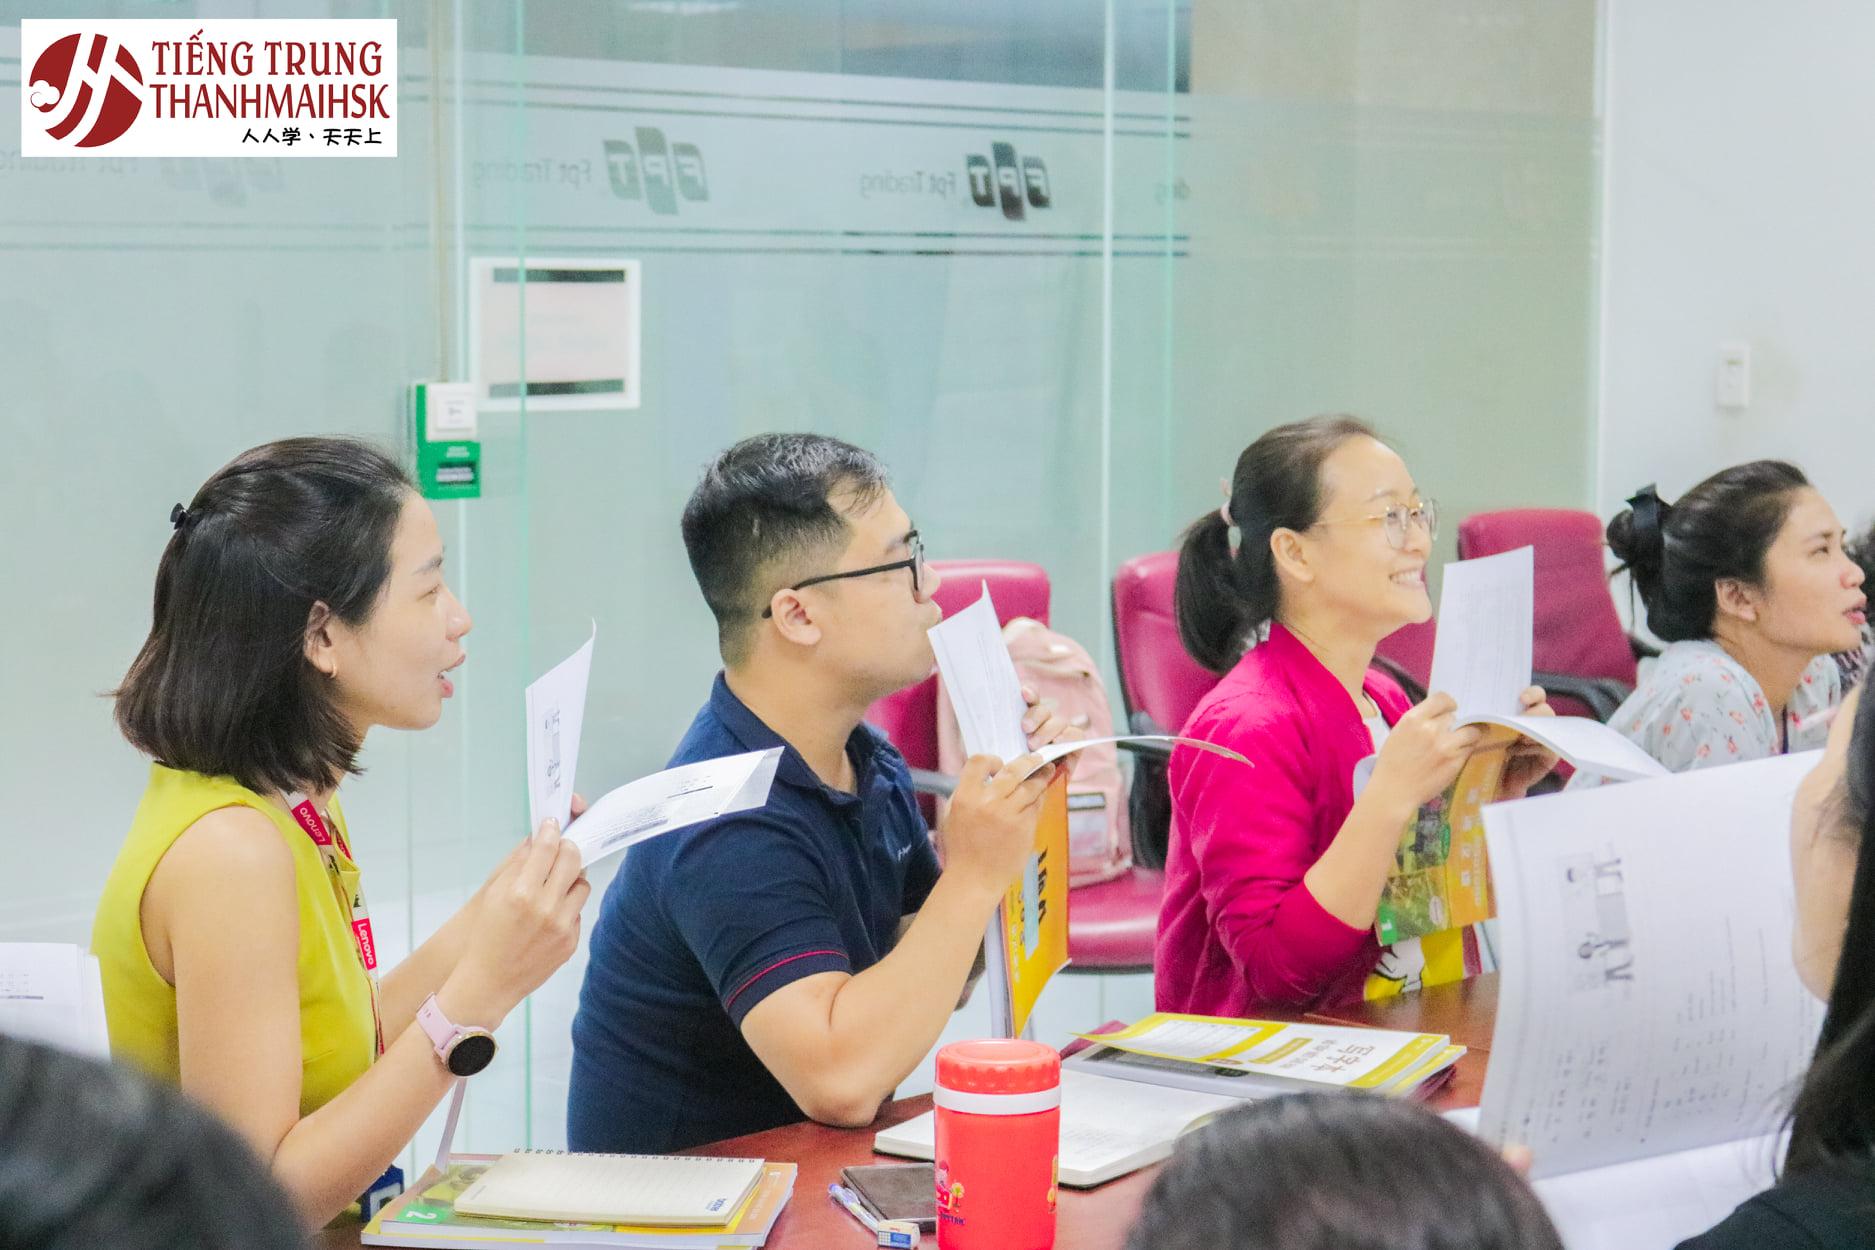 Hình ảnh Giáo trình Hán ngữ đại học Bắc Kinh MSUTONG mới nhất 7